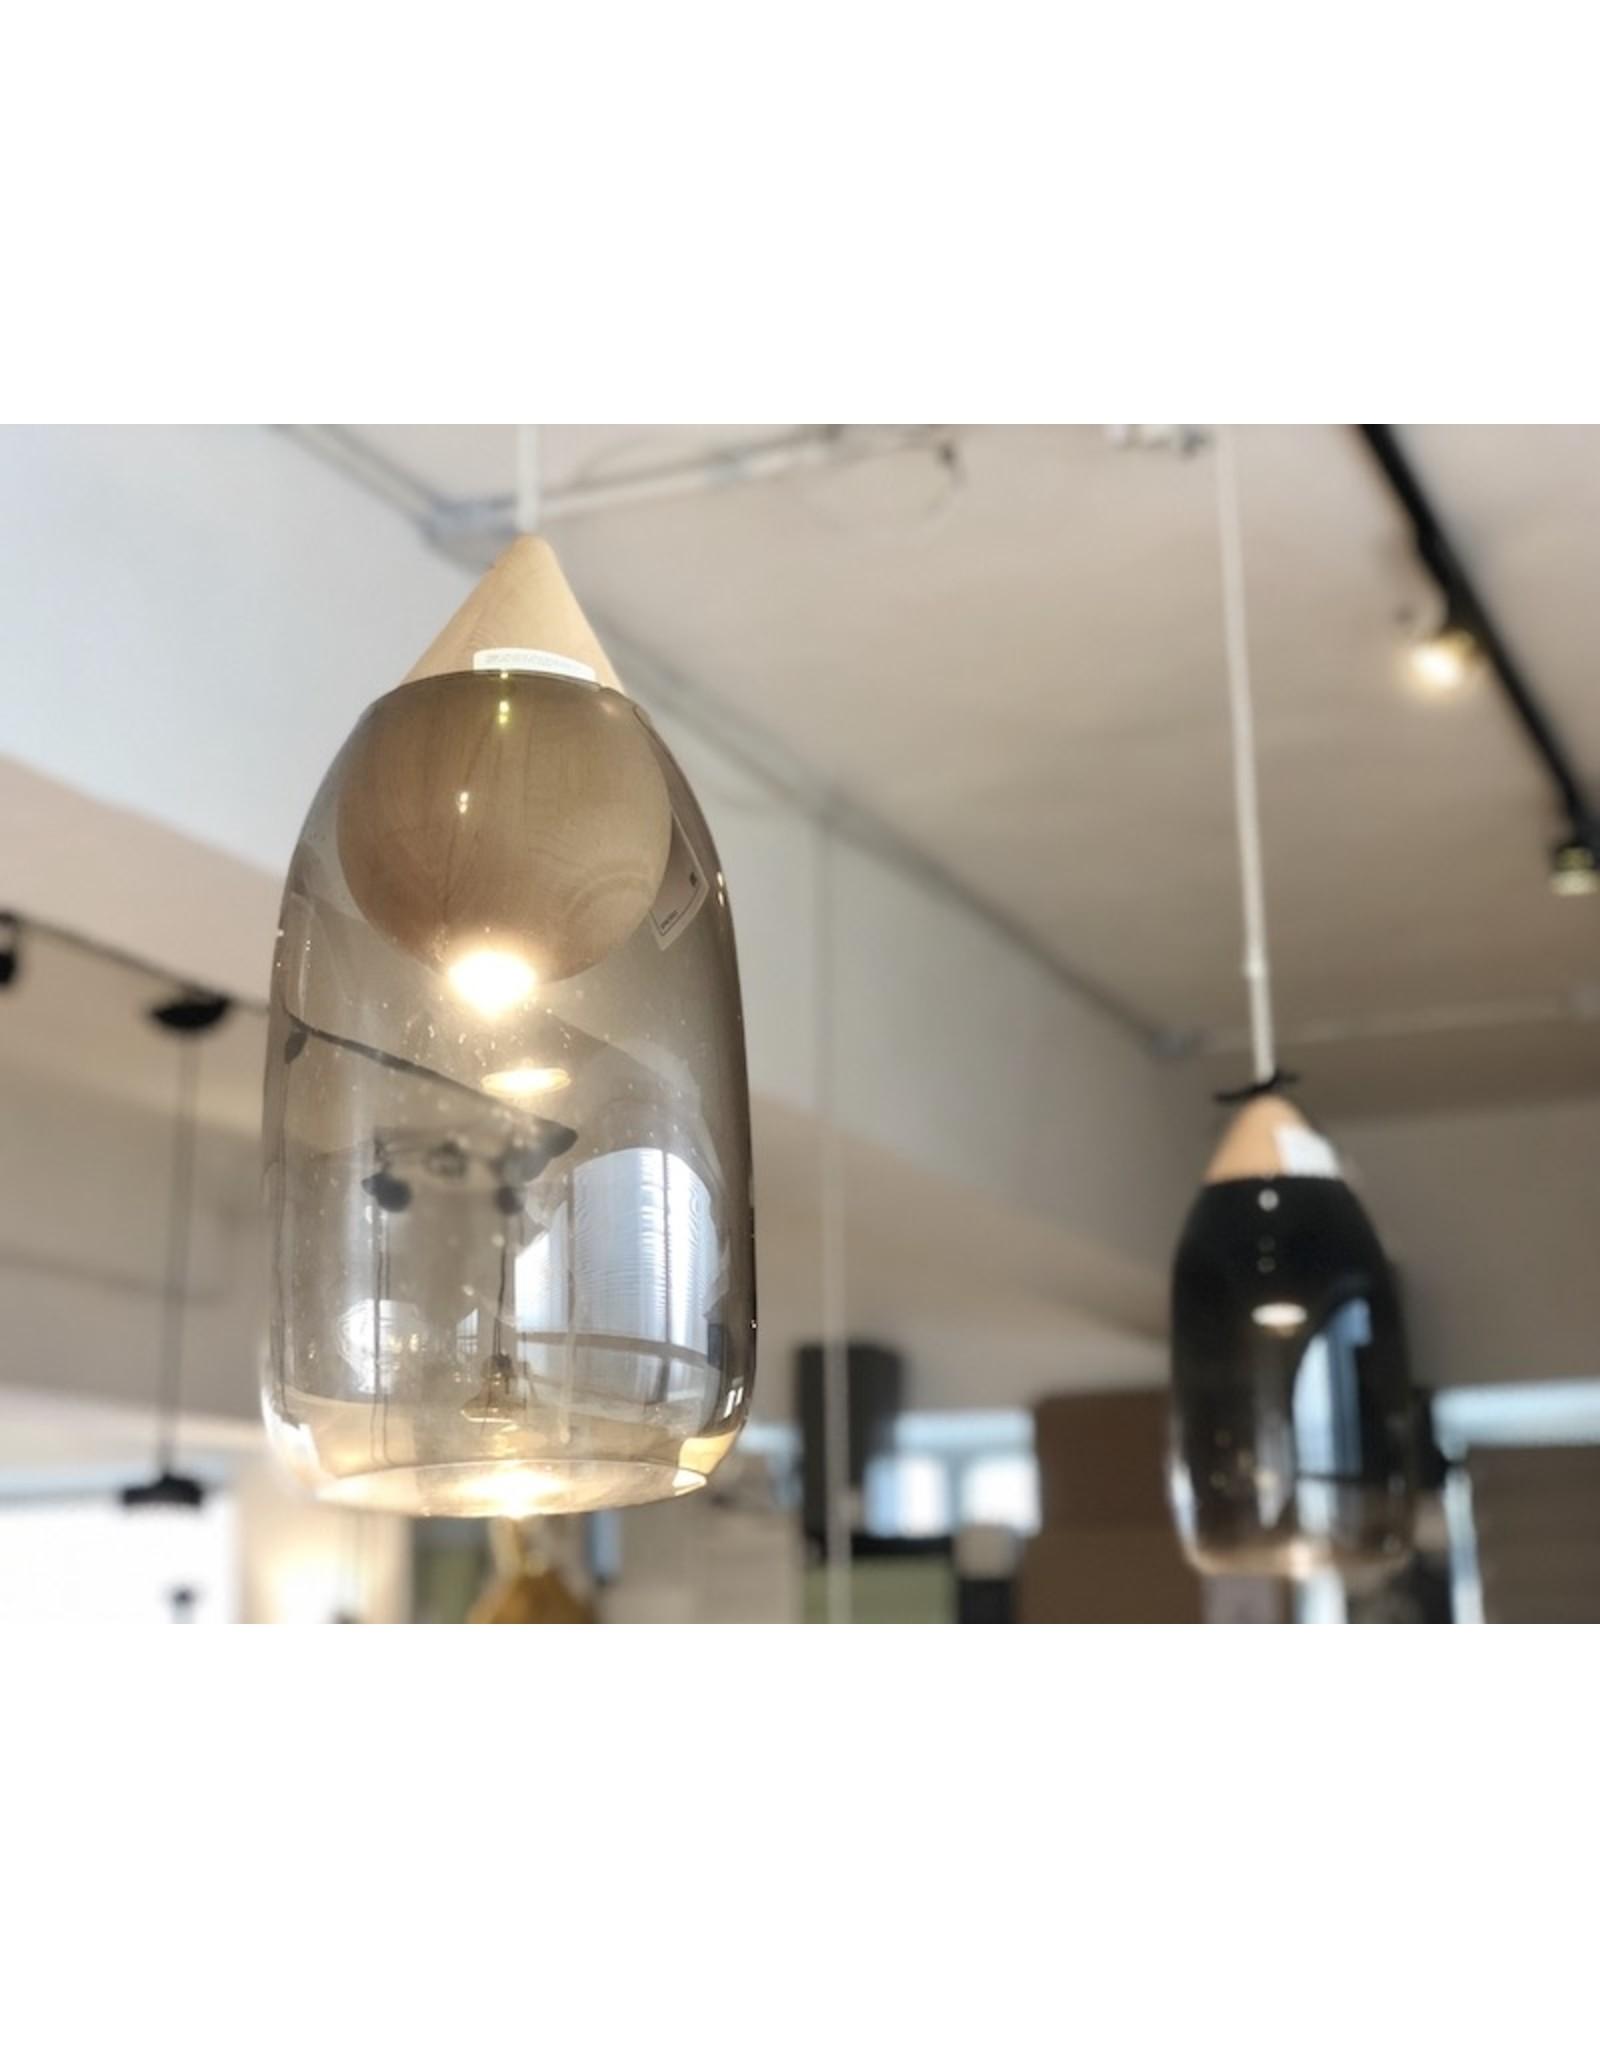 02913+02902 LIUKU PENDANT DROP LAMP